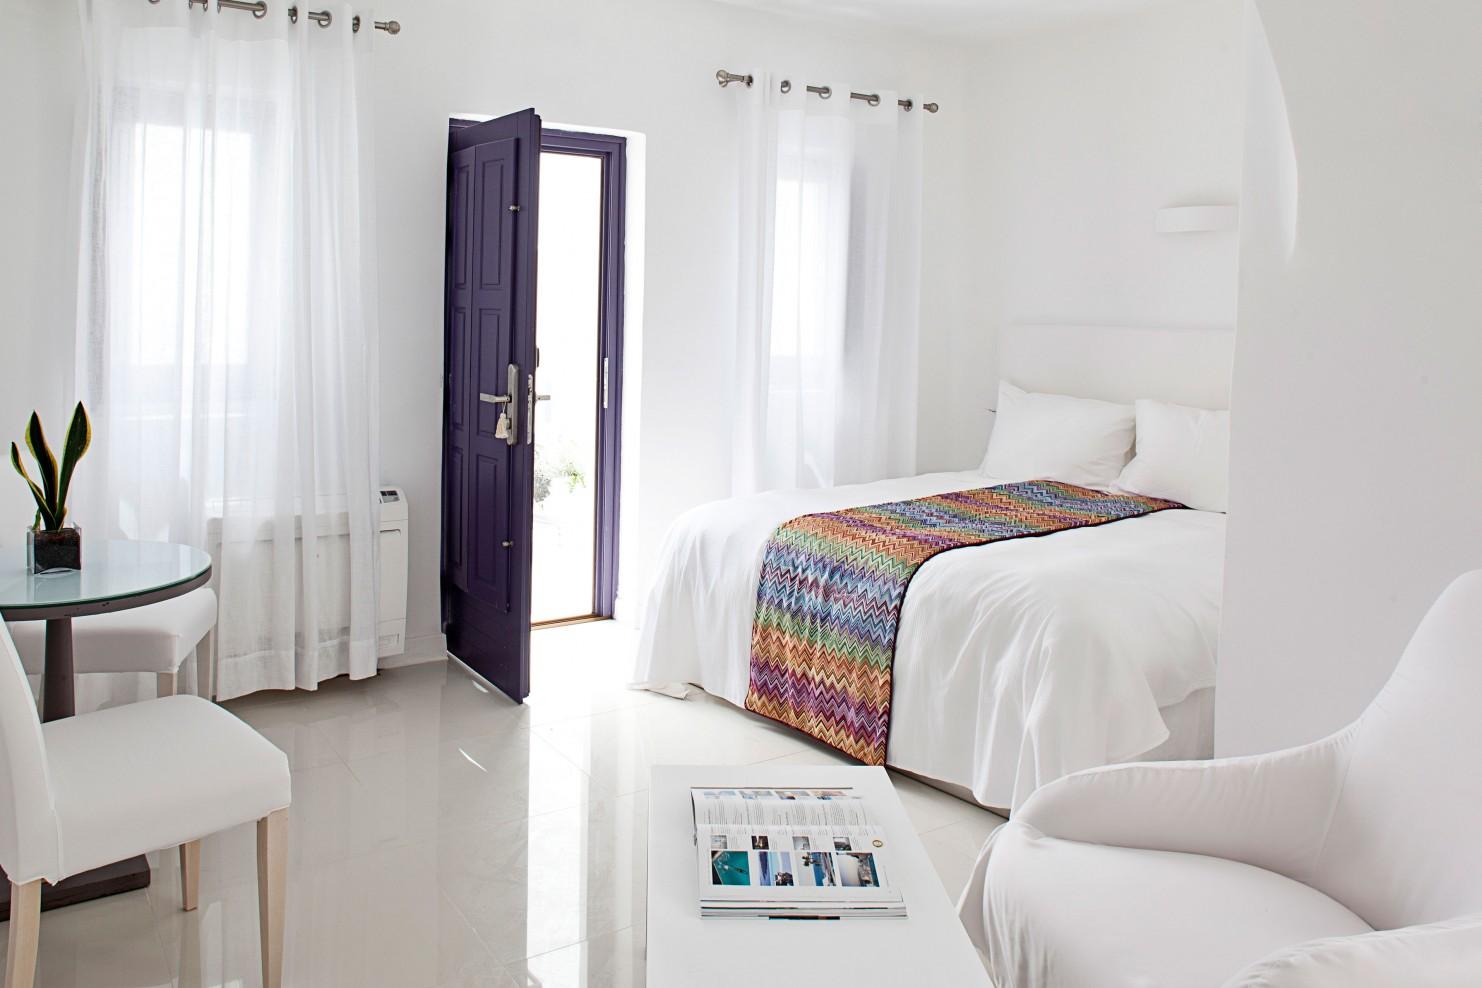 Chromata hotel | Imerovigli, Santorini | Smith Hotels